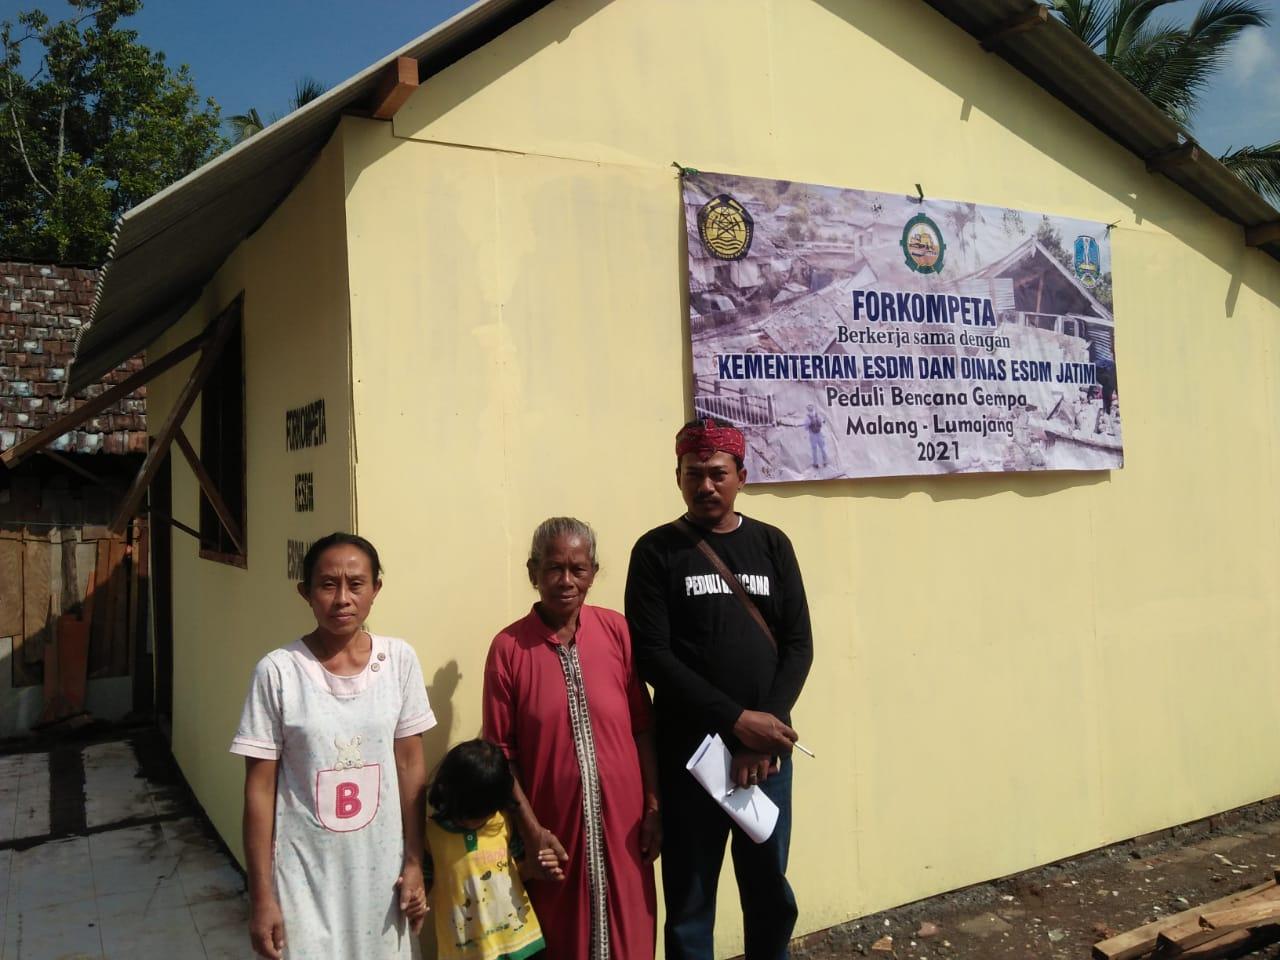 Forkompeta Bantu Bangun Rumah, 200 Sembako dan 3 Tandon Air